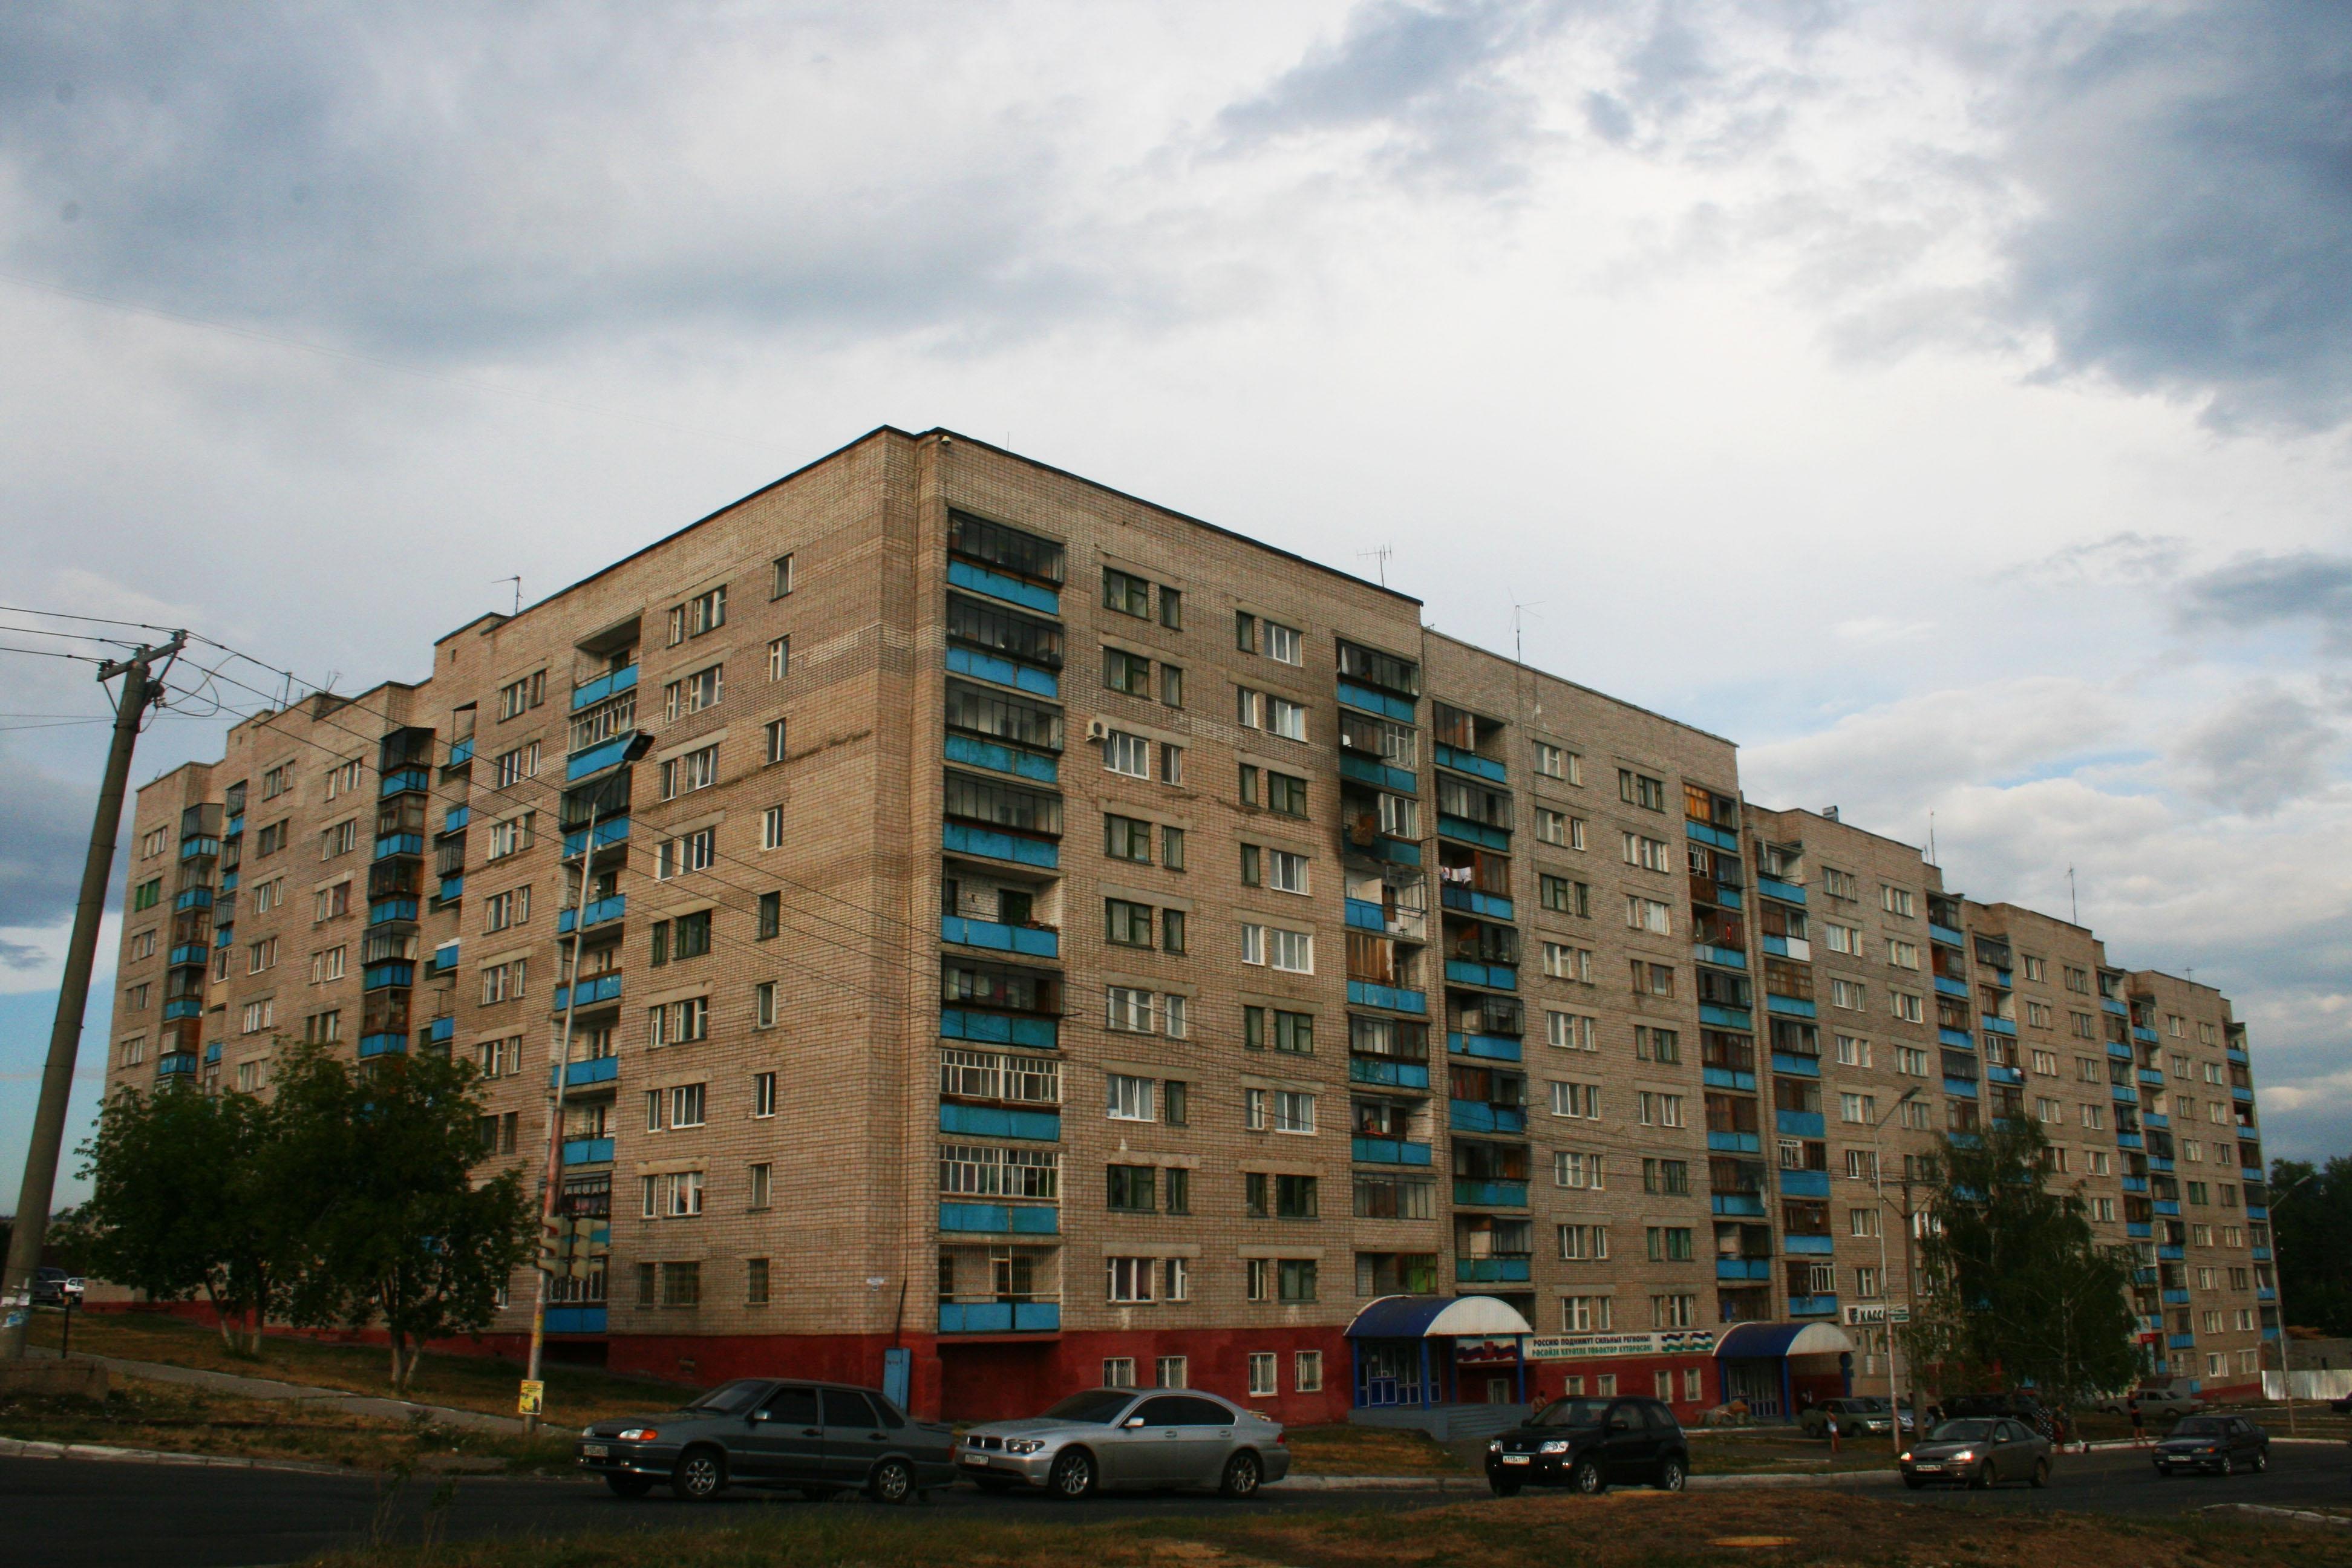 9-ти-этажный-жилой-дом-в-г.-Белорецке-по-ул.-Кирова-копия